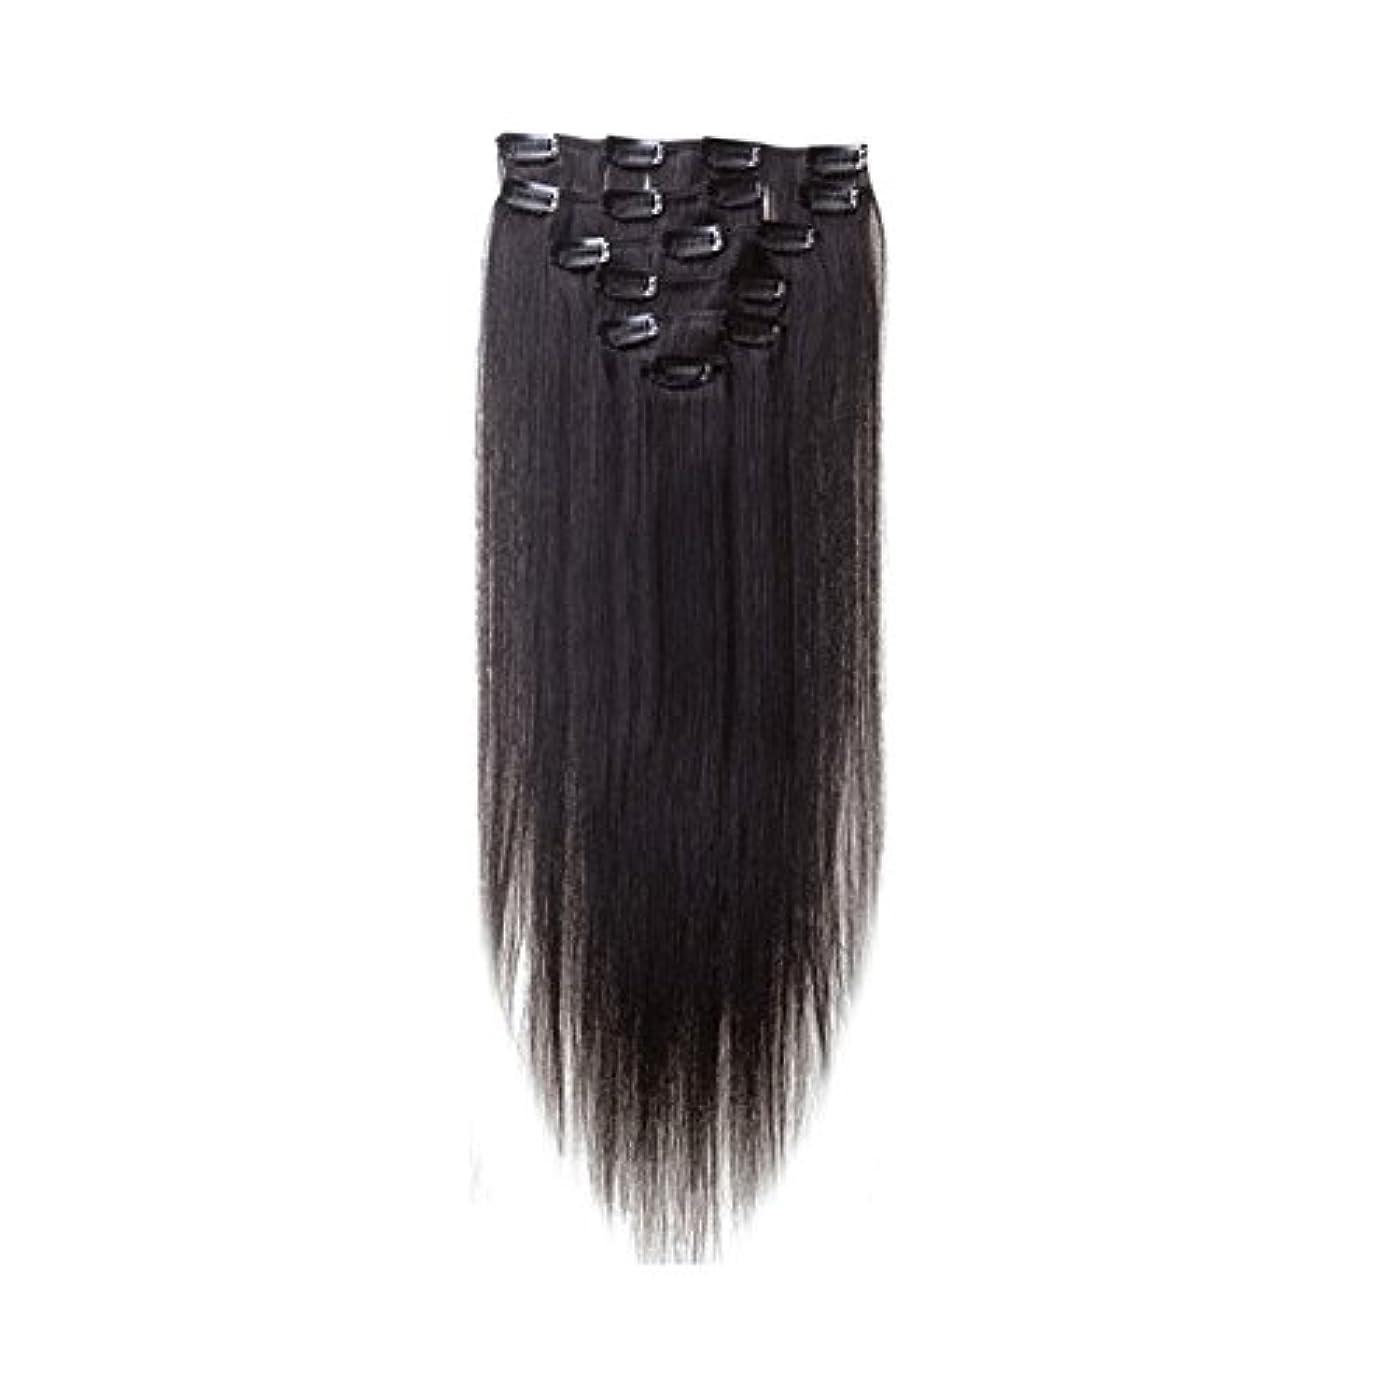 テンション保持する積極的にヘアエクステンション,SODIAL(R) 女性の人間の髪 クリップインヘアエクステンション 7件 70g 22インチ ナチュラルブラック